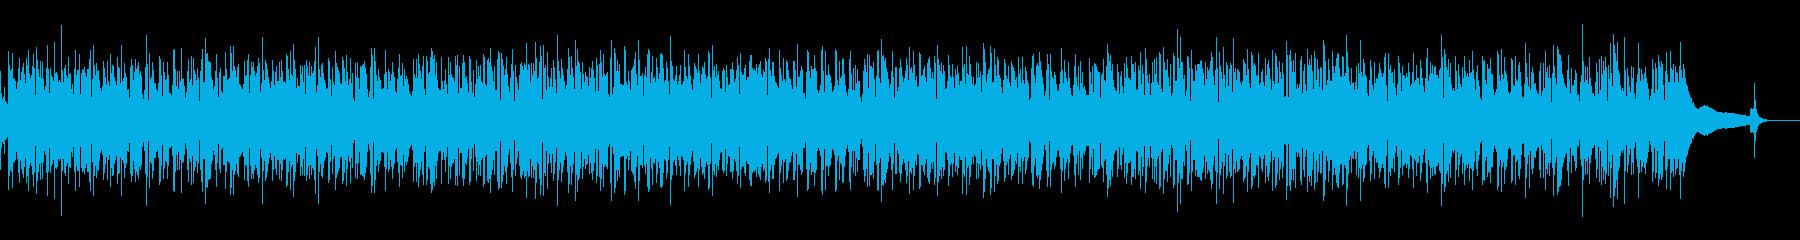 カフェBGM・哀愁のジプシージャズギターの再生済みの波形